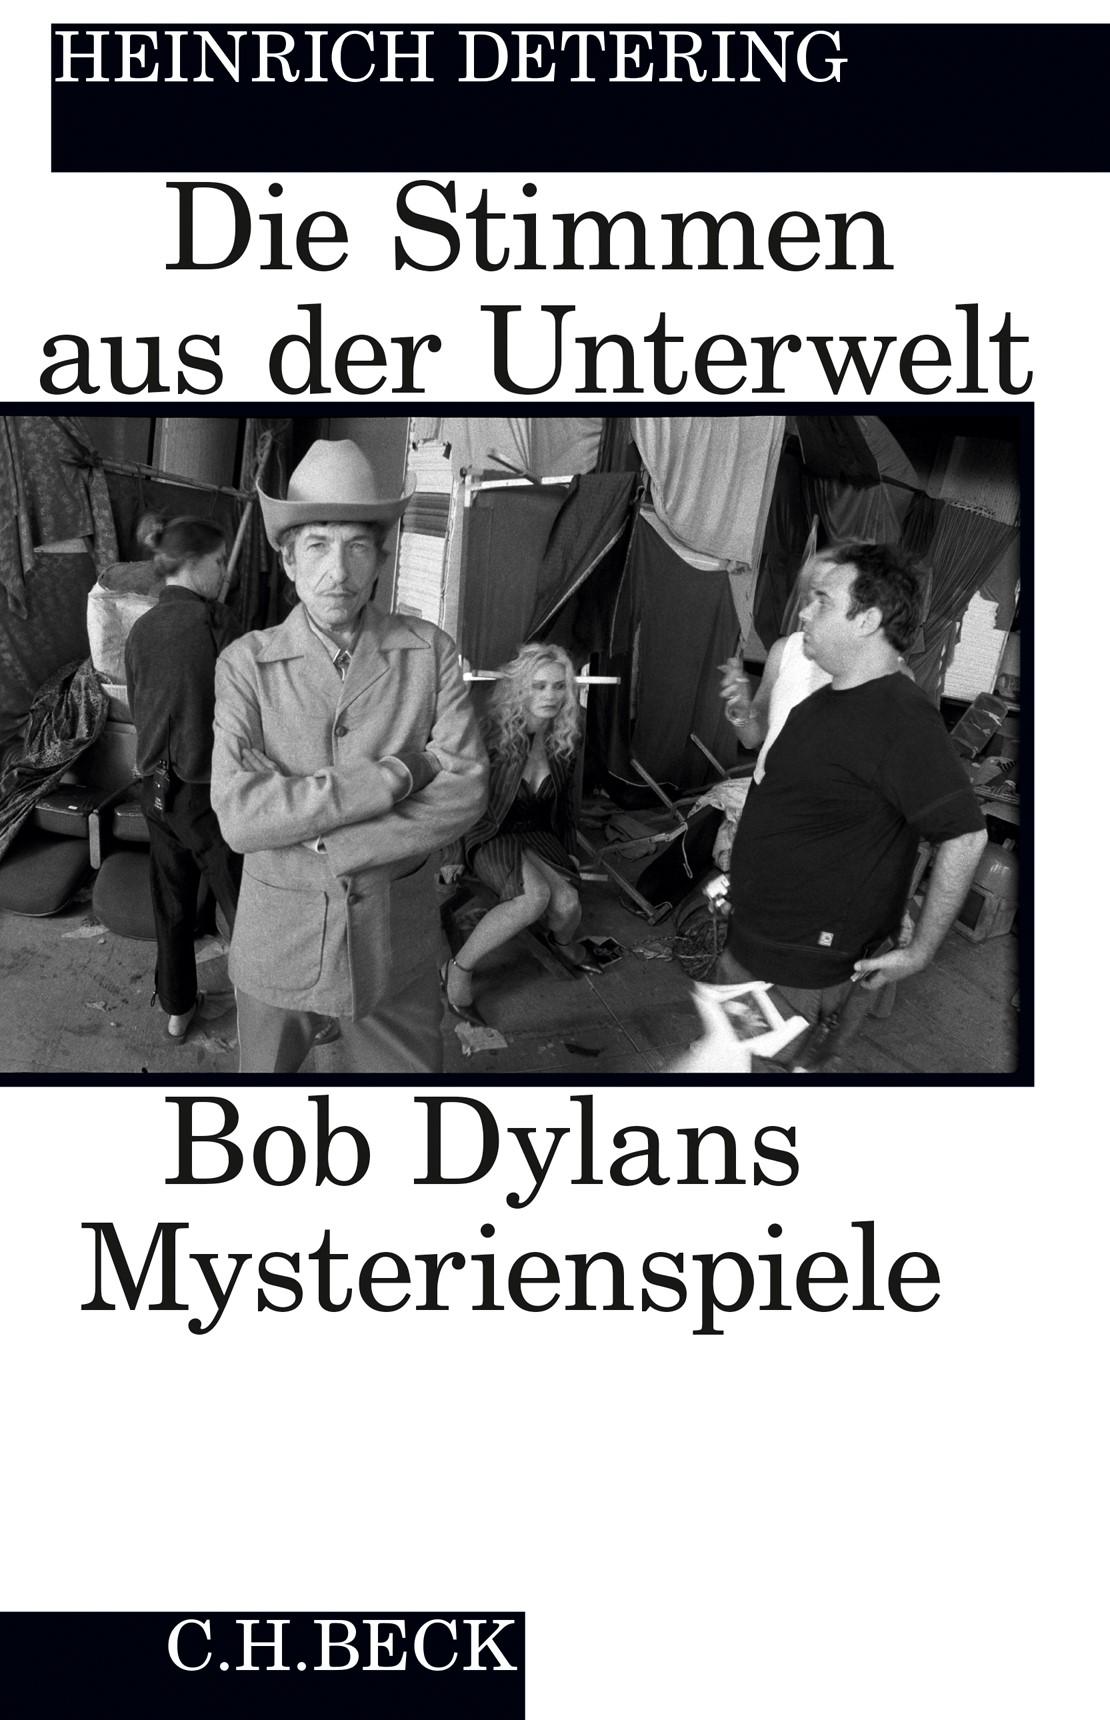 Cover des Buches 'Die Stimmen aus der Unterwelt'